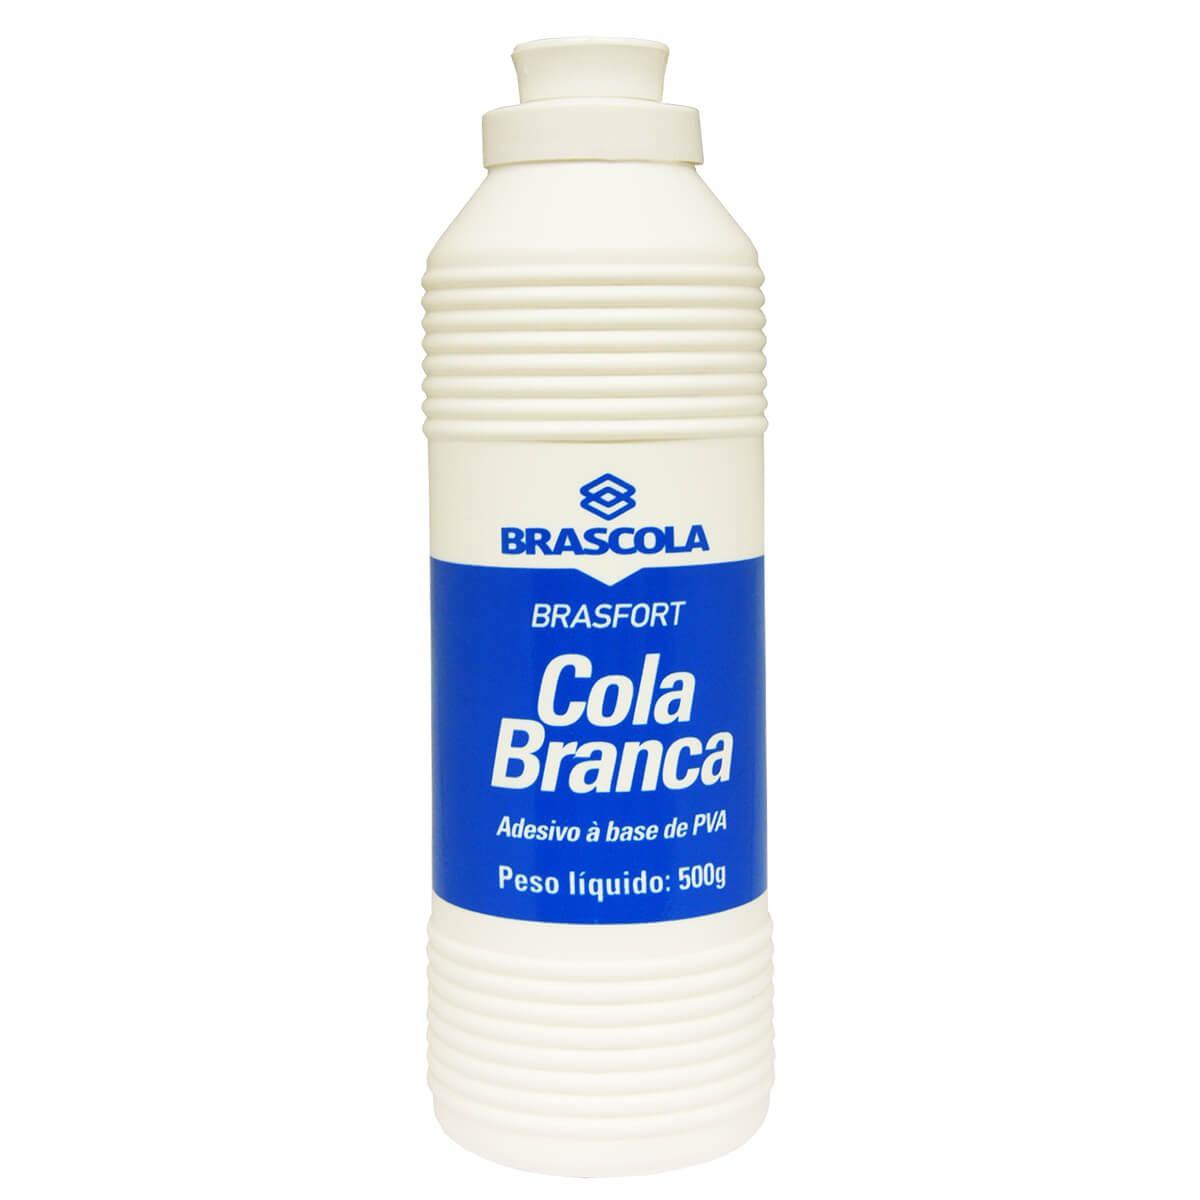 Brasfort Cola Branca 500Gr Brascola